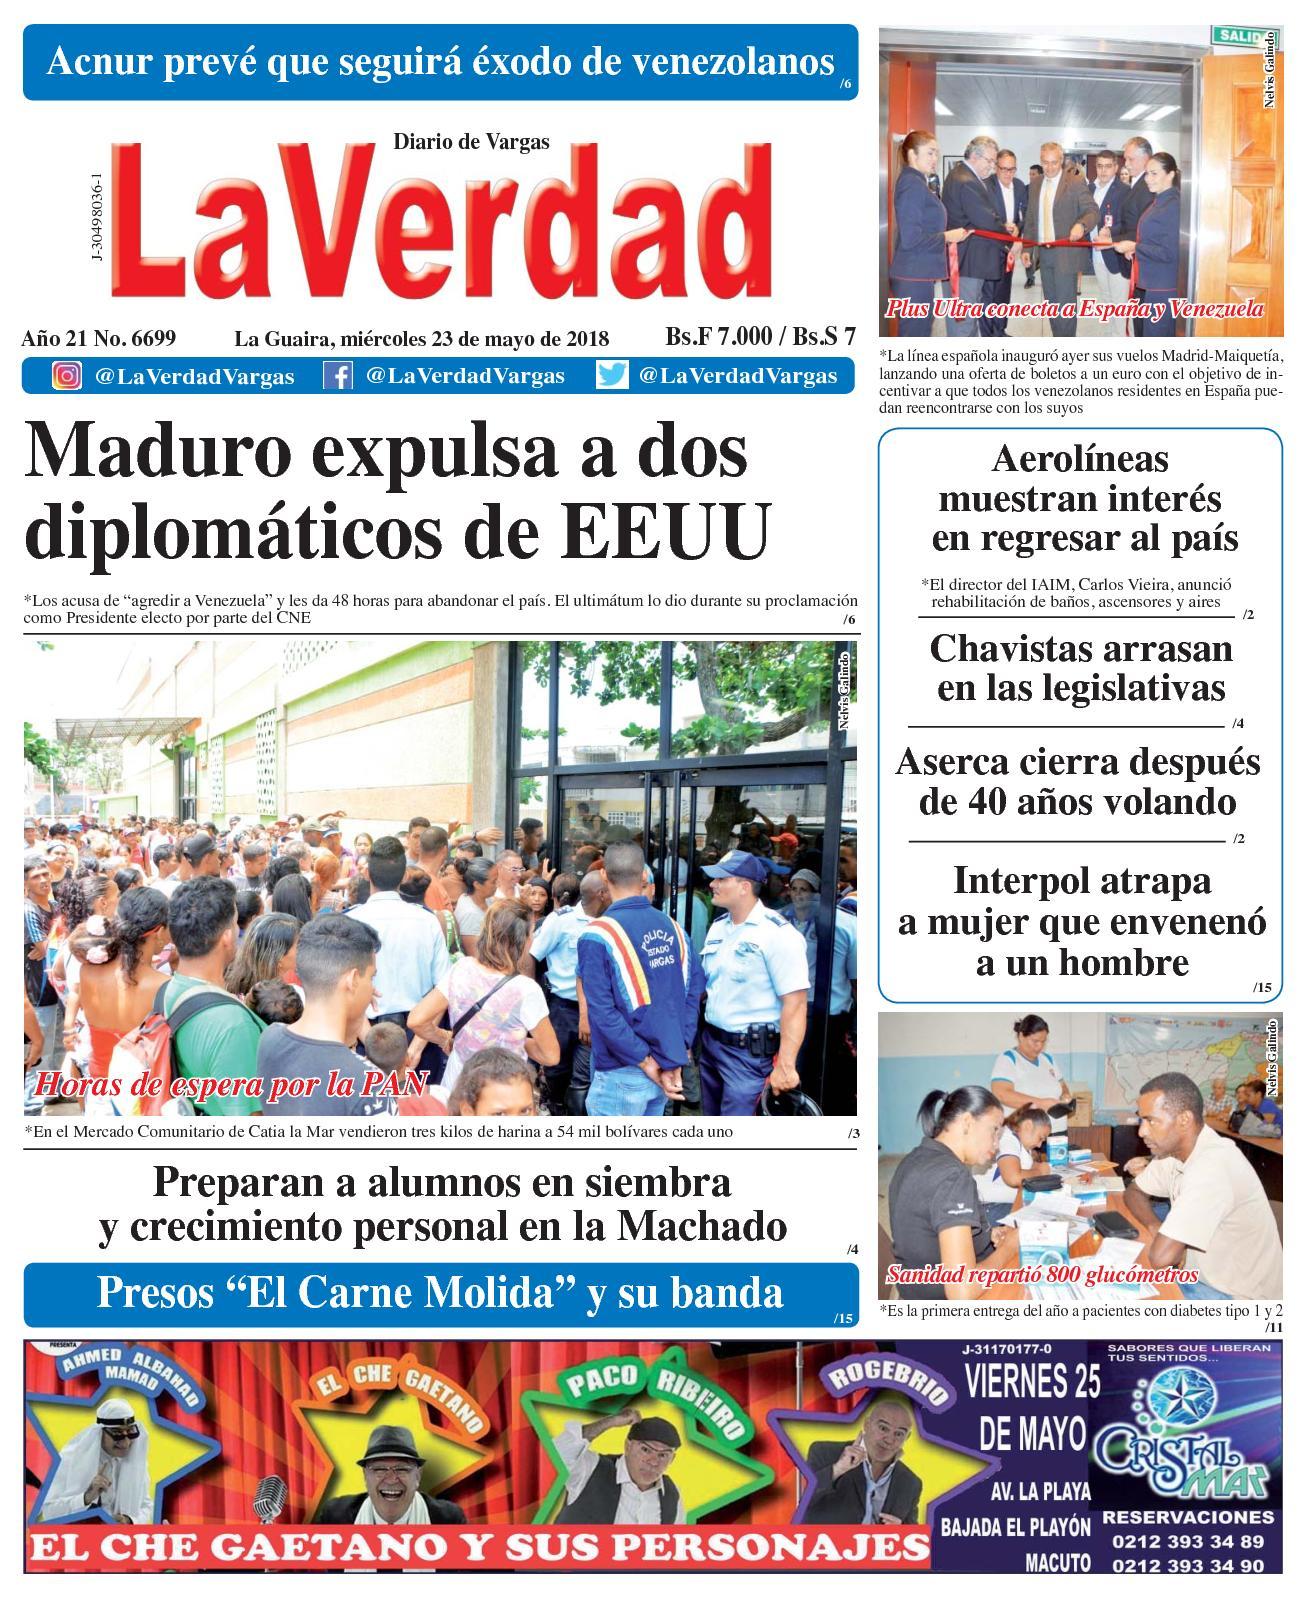 Calaméo - La Guaira, miércoles 23 de mayo de 2018. Año 20 No 6699